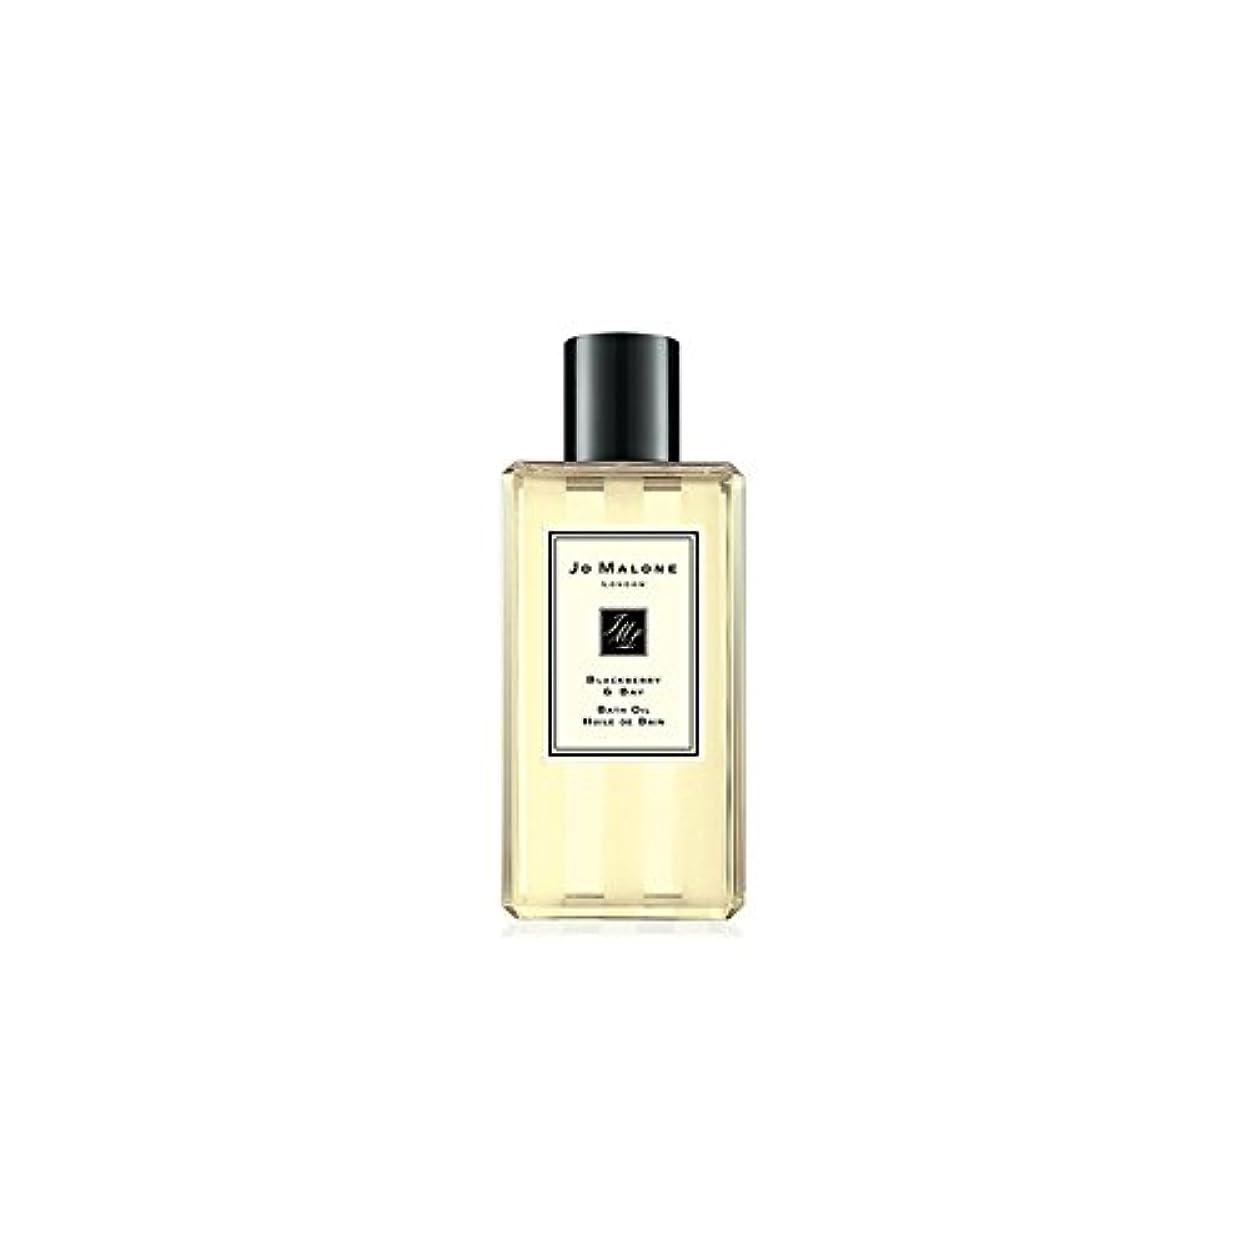 持続的人工奴隷Jo Malone Blackberry & Bay Bath Oil - 250ml (Pack of 2) - ジョーマローンブラックベリー&ベイバスオイル - 250ミリリットル (x2) [並行輸入品]